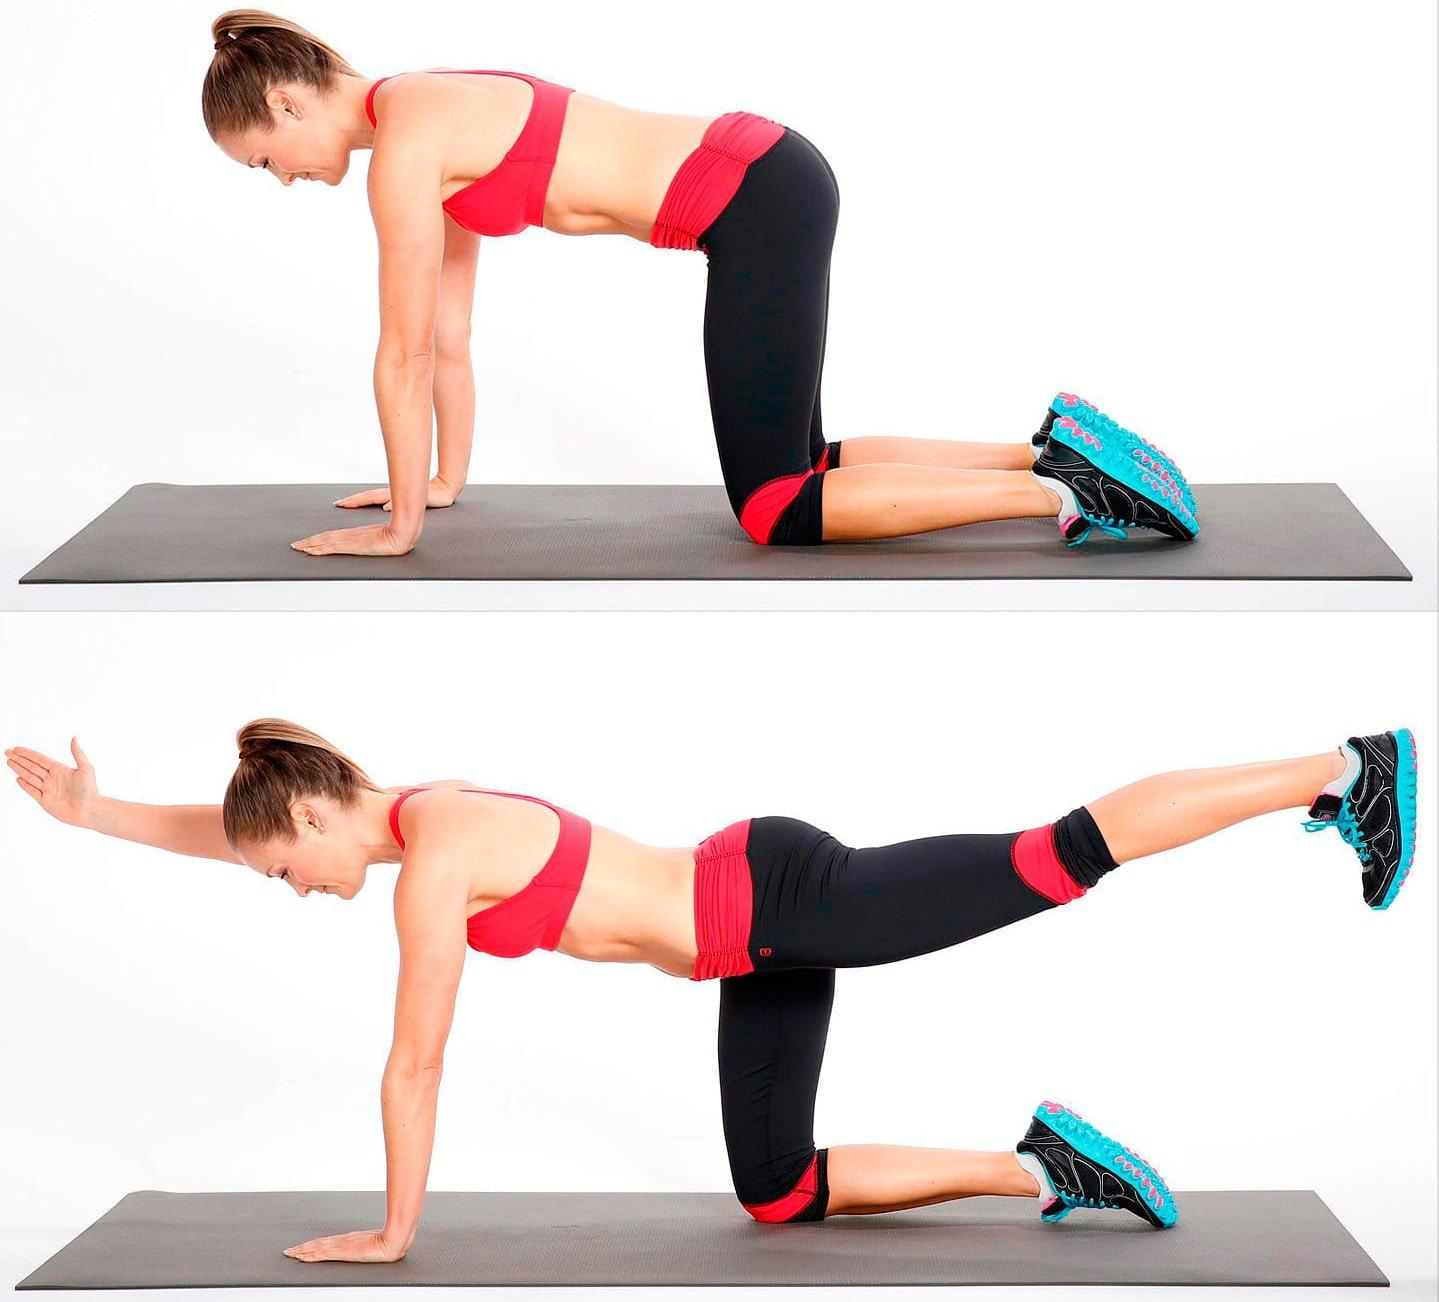 Картинки по запросу упражнение подъем рук и ног